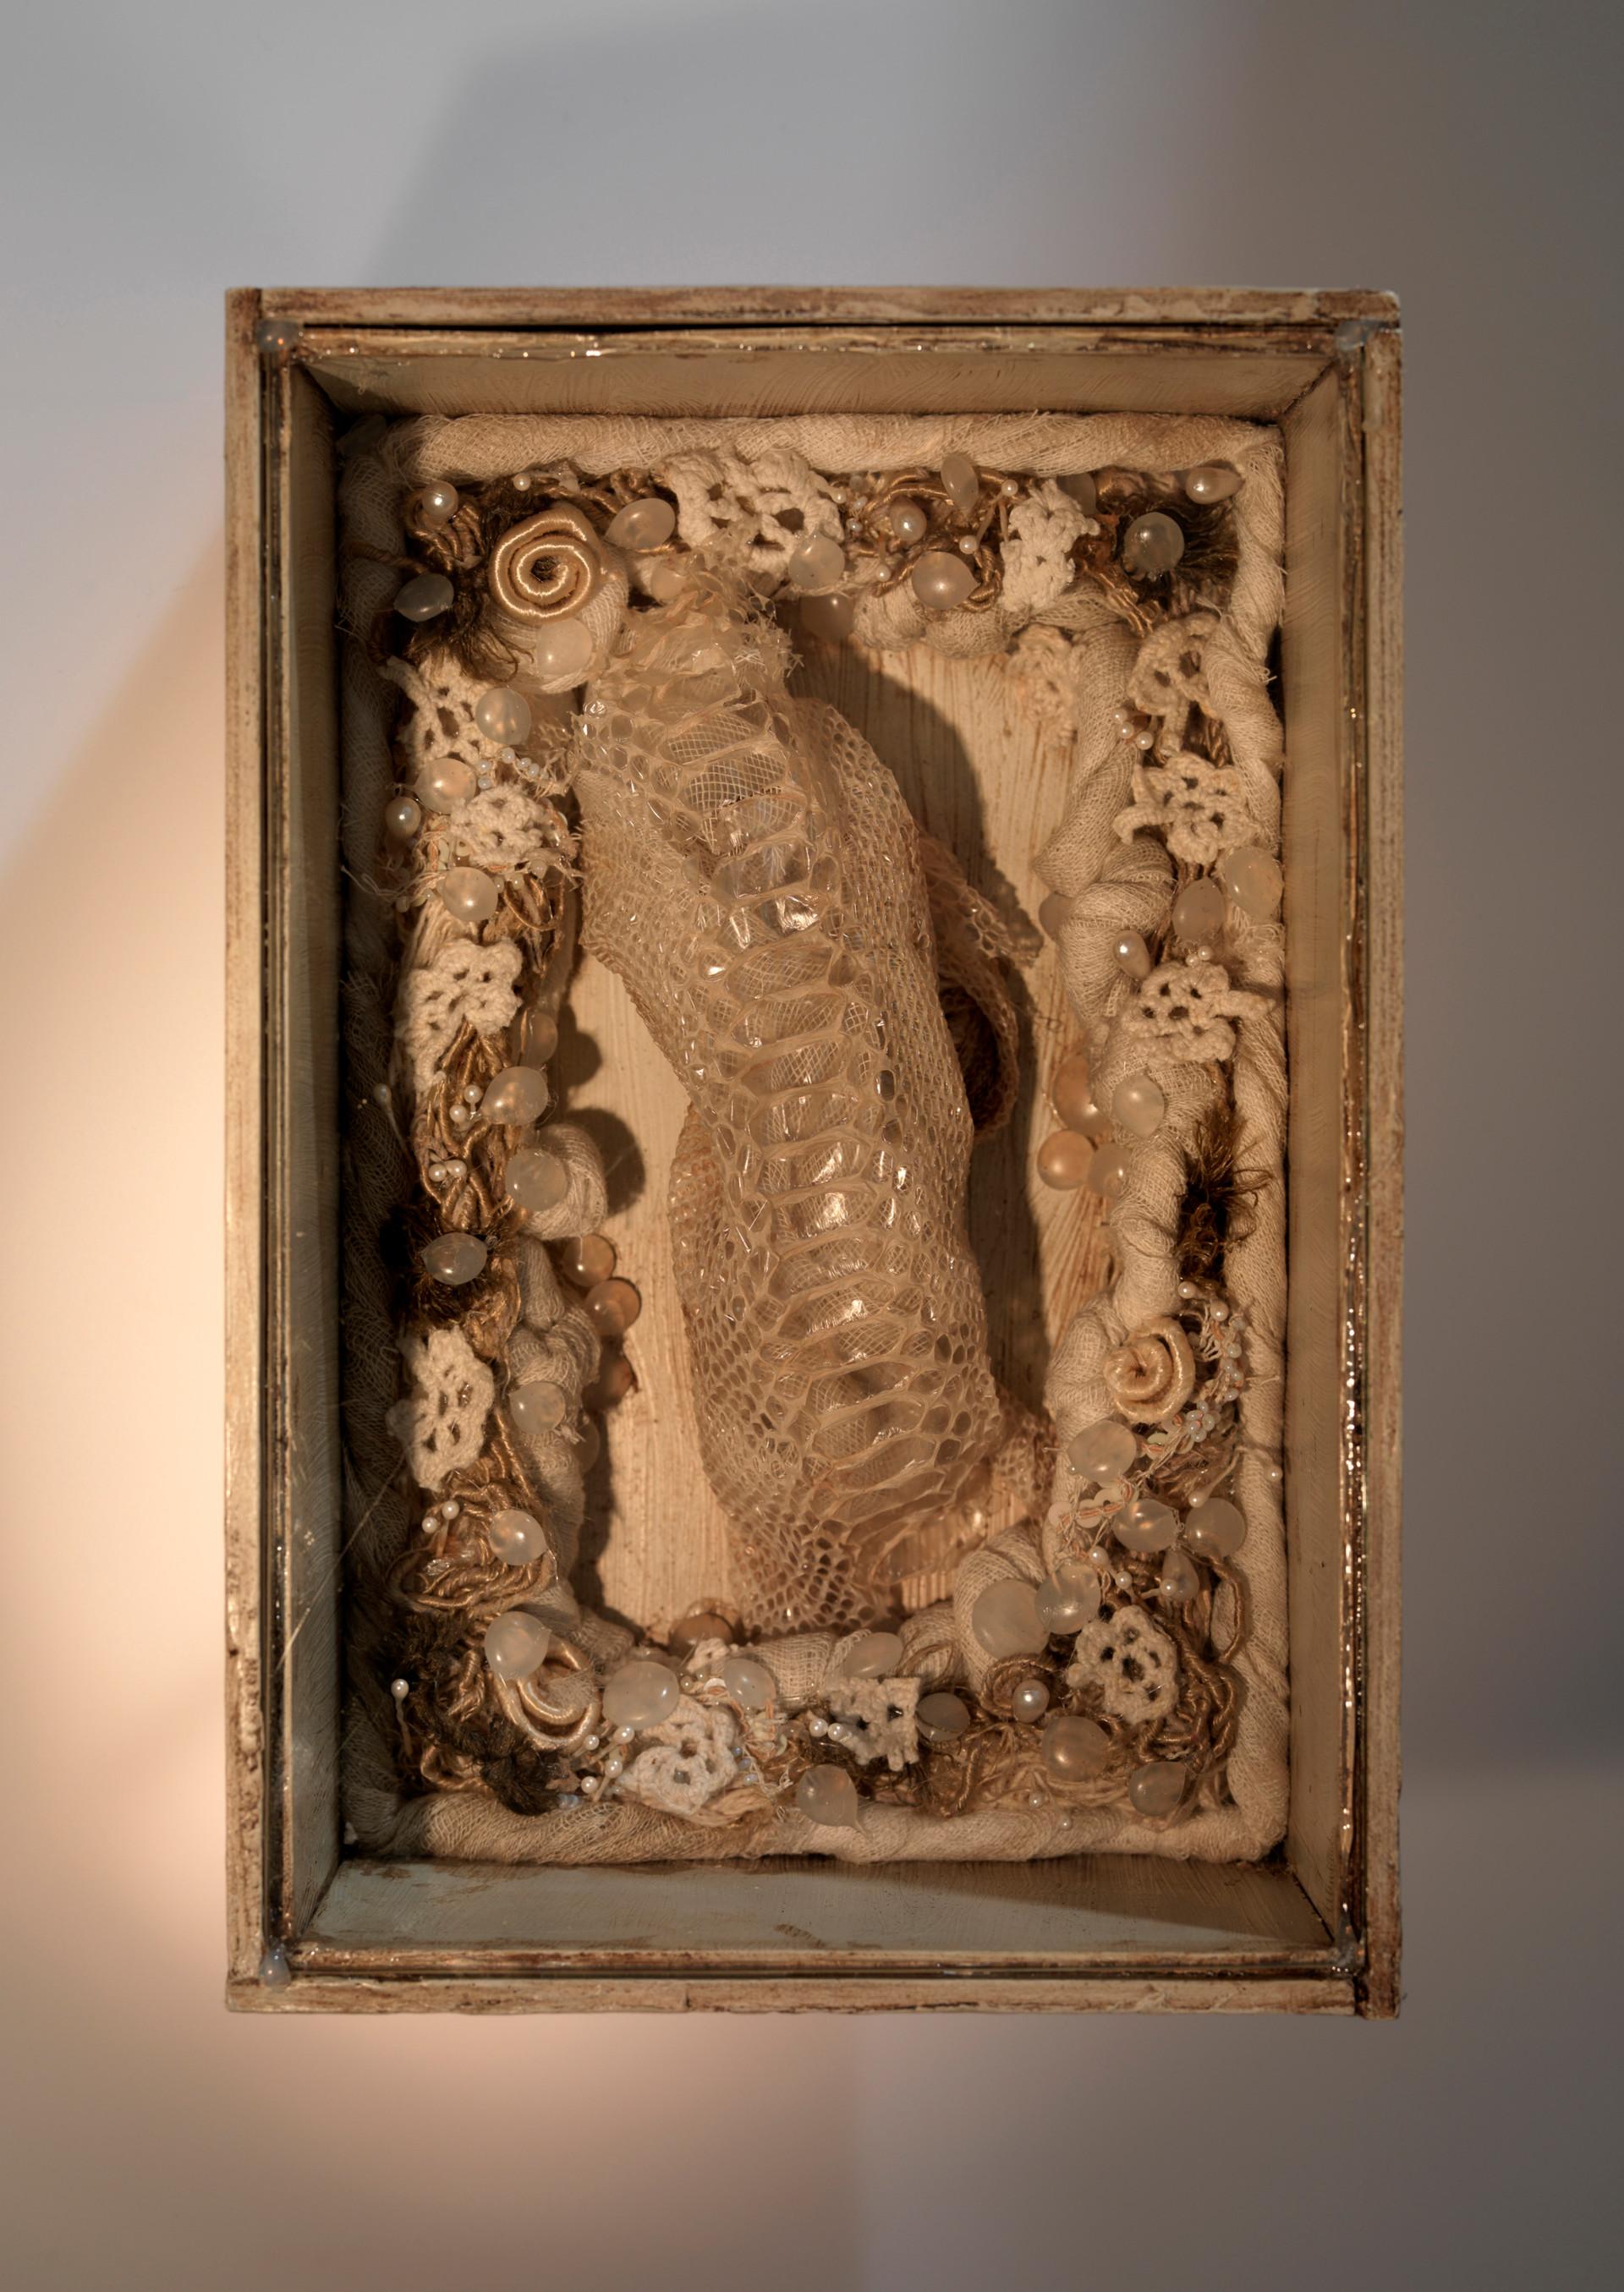 Senza titolo, 2003, carta garza pelle di serpente, cm 22 x 15 x 9